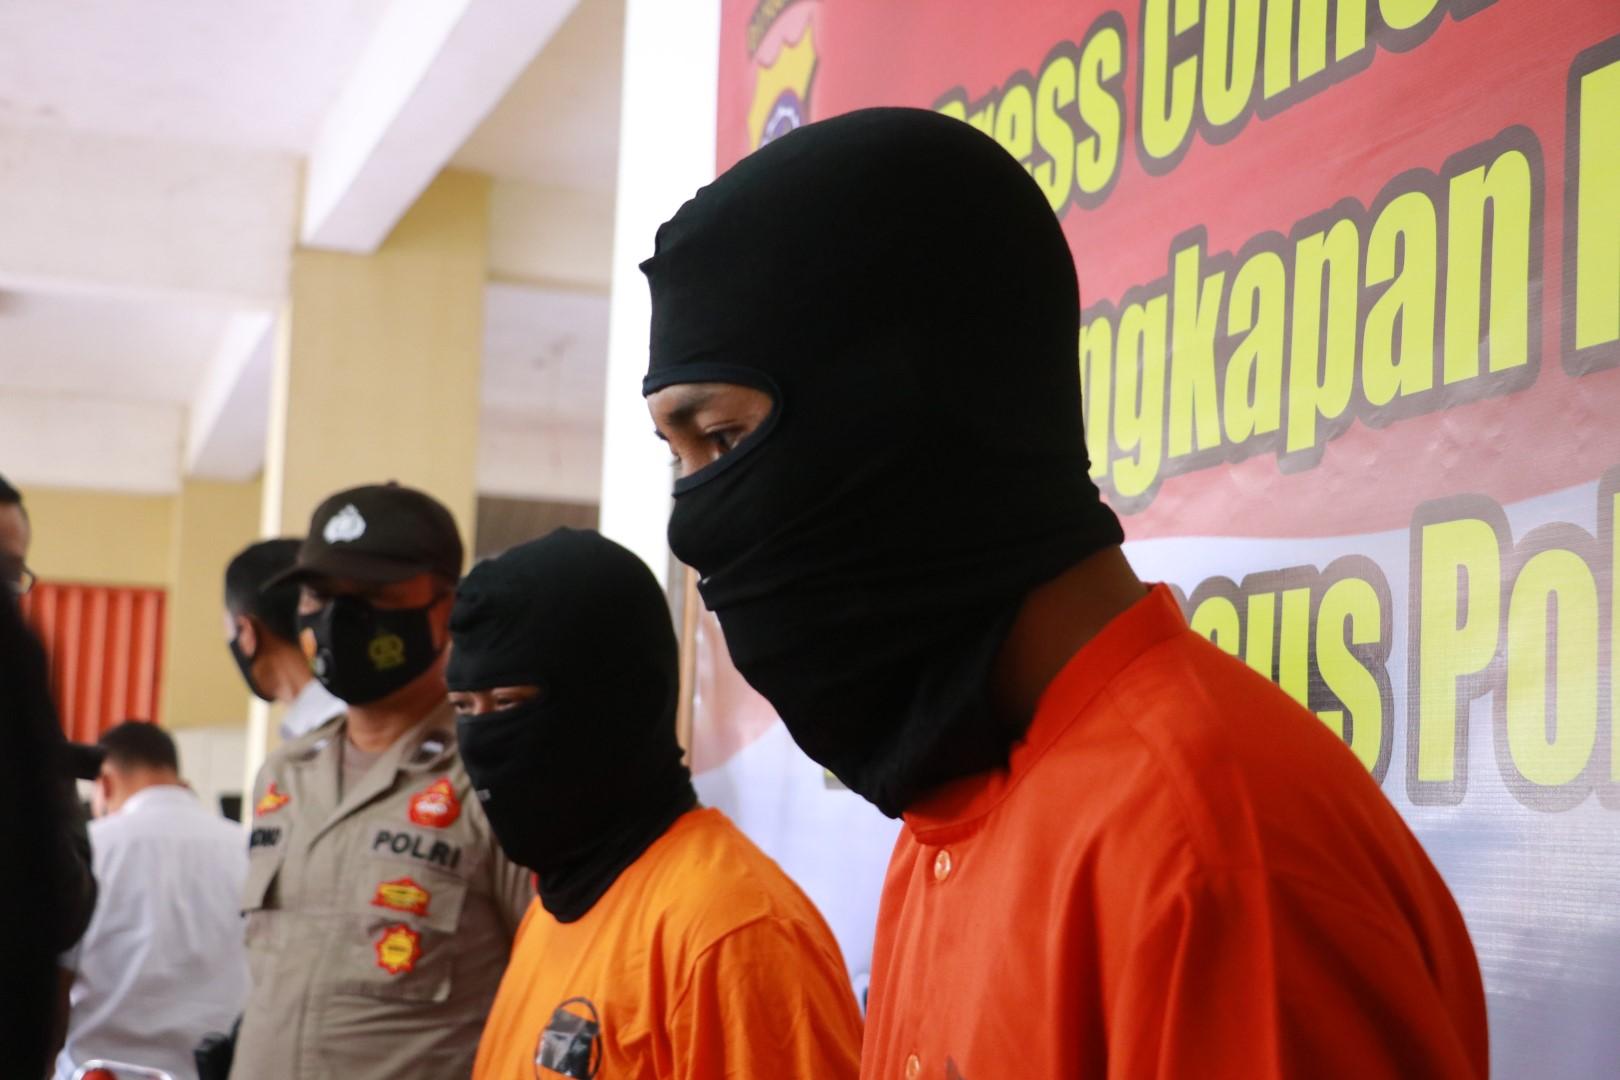 Kedua pelaku yang ditangkap polisi. (Foto: PMJ News)